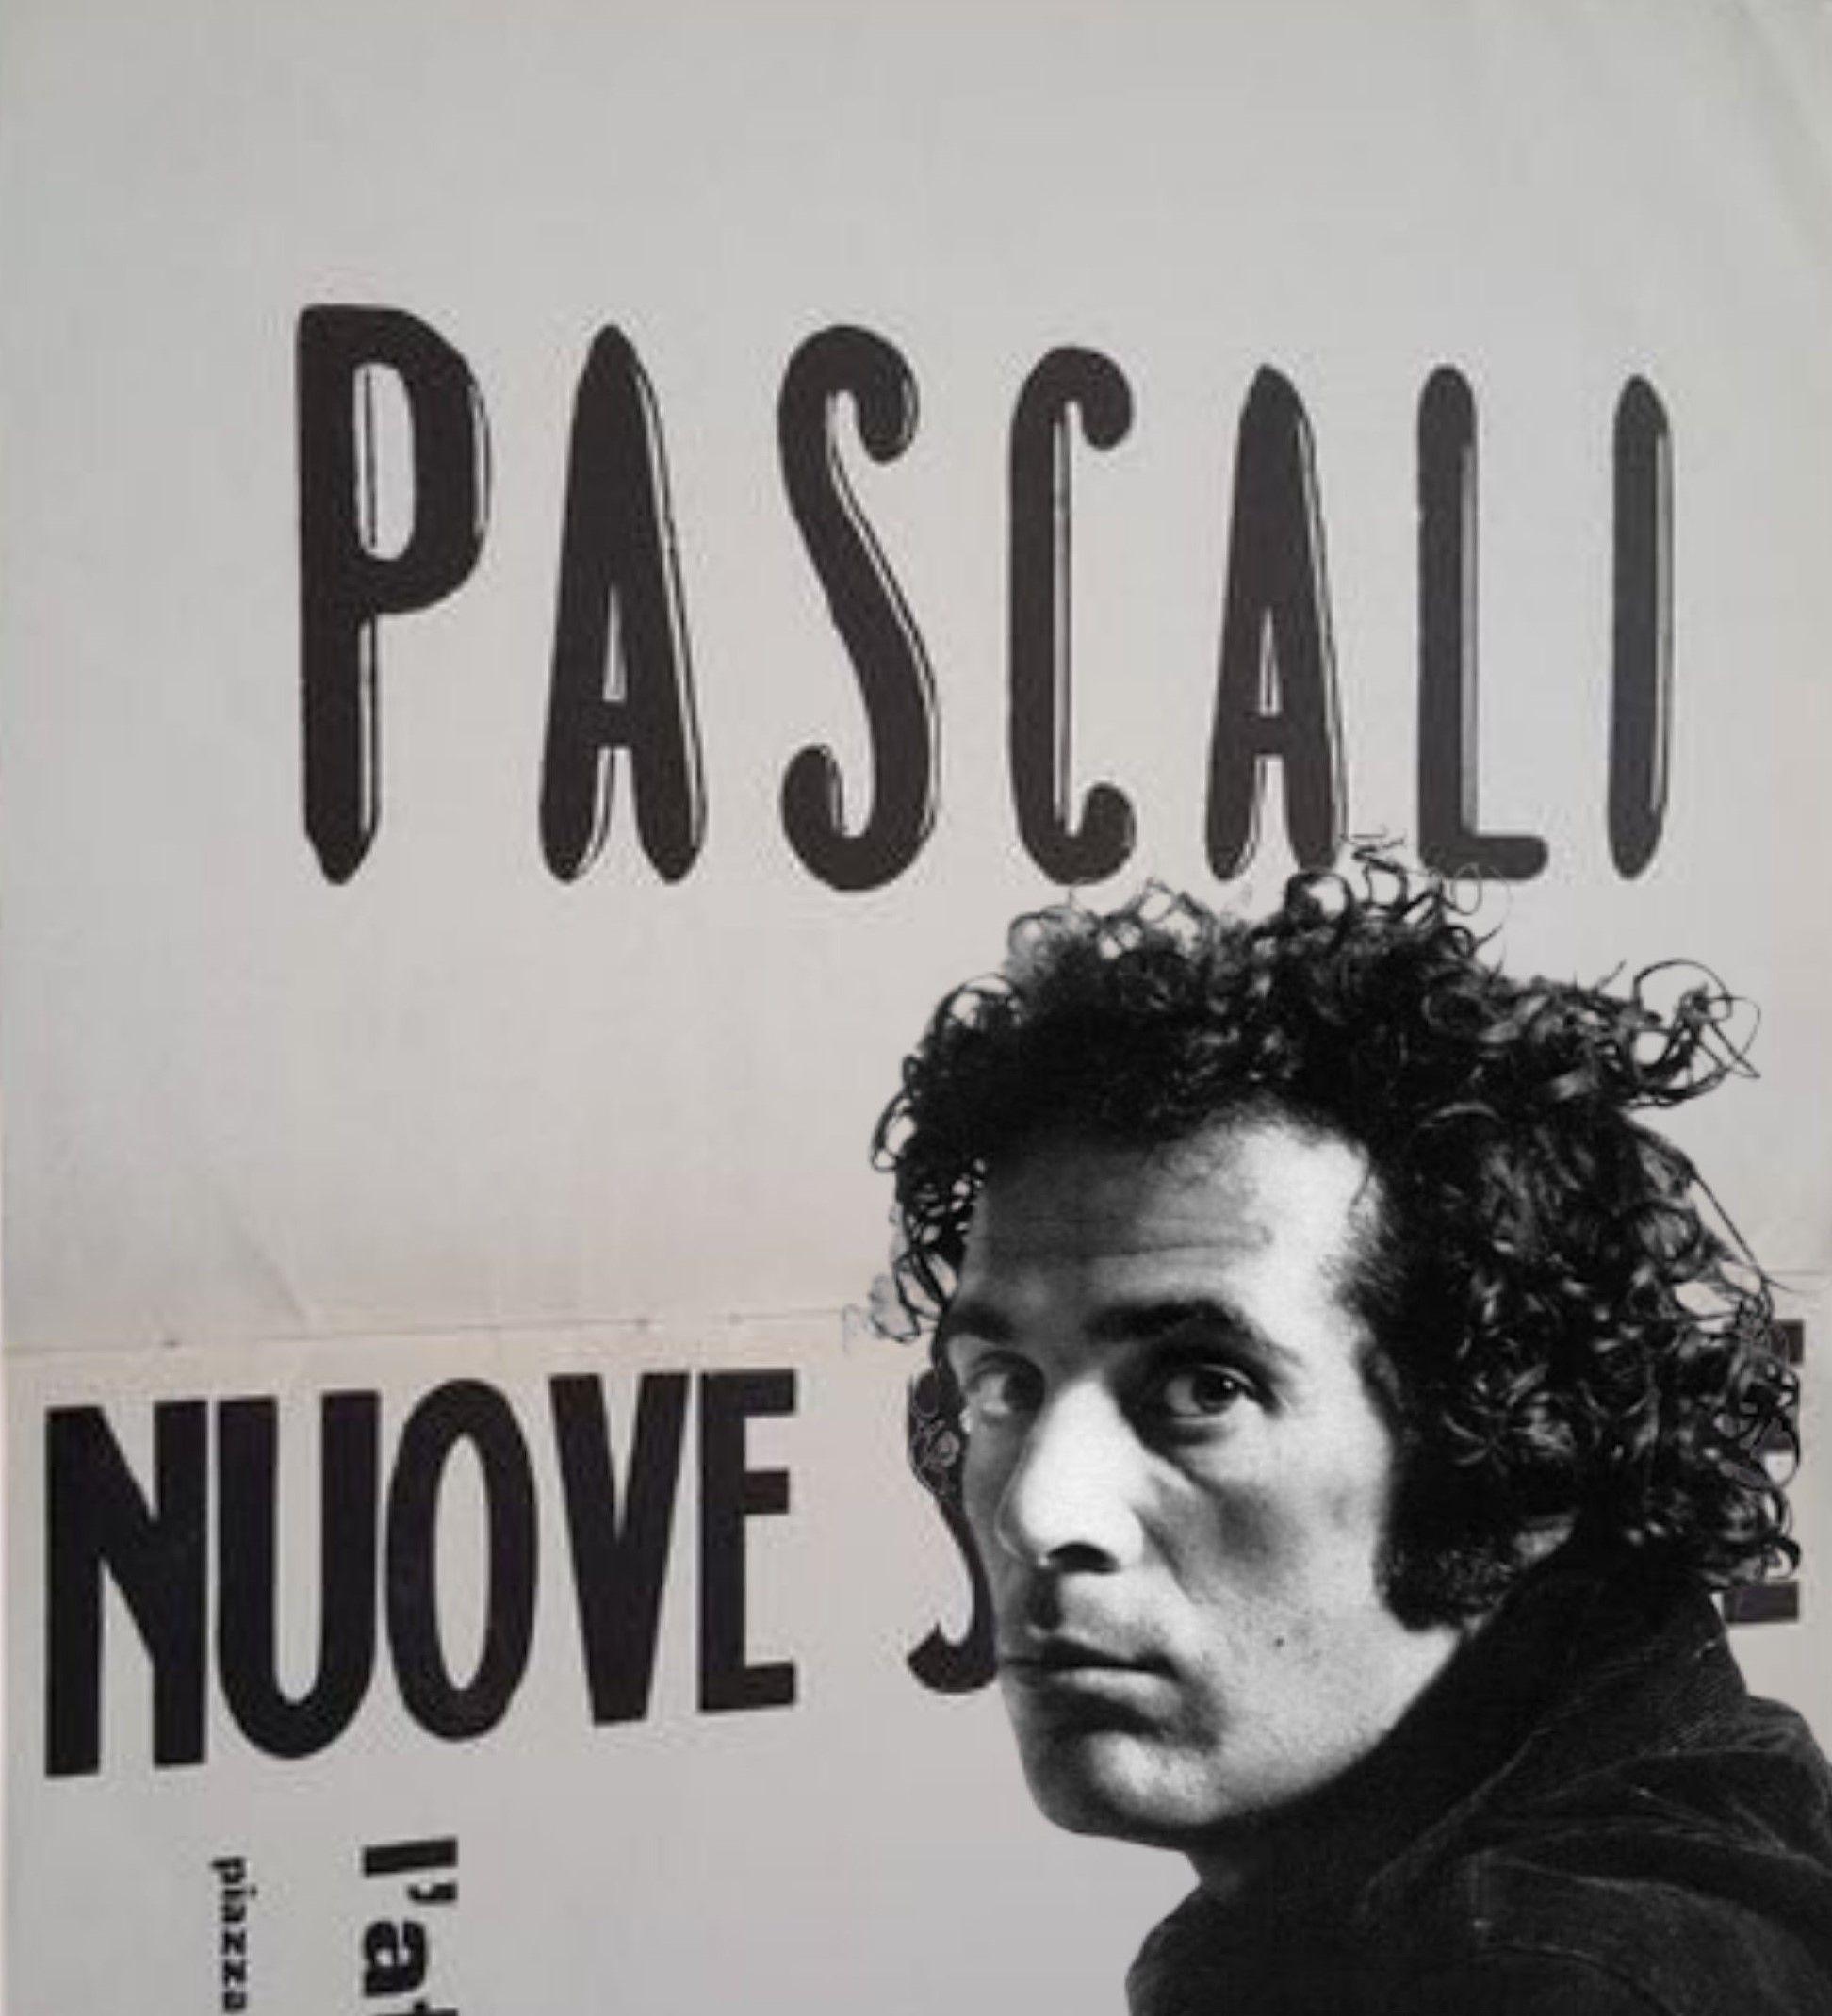 Rarissimo catalogo di Pino Pascali del 1966 alla Galleria L'Attico: l'apice dell'arte povera